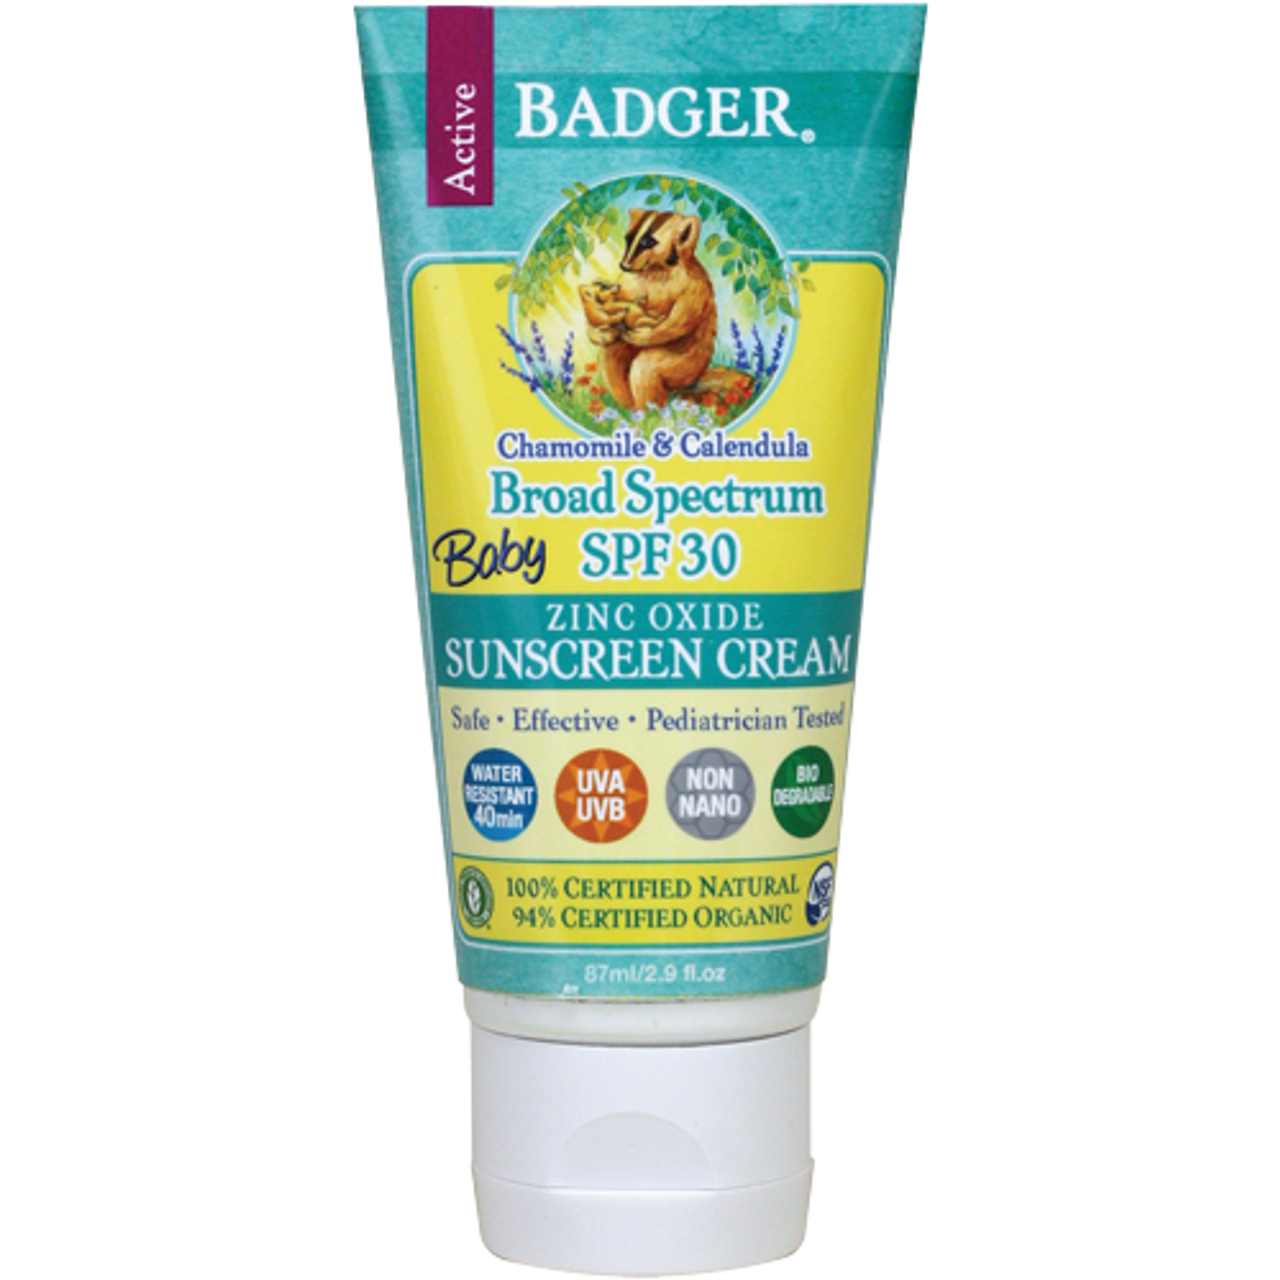 Badger Natural Baby Sunscreen Cream SPF 30